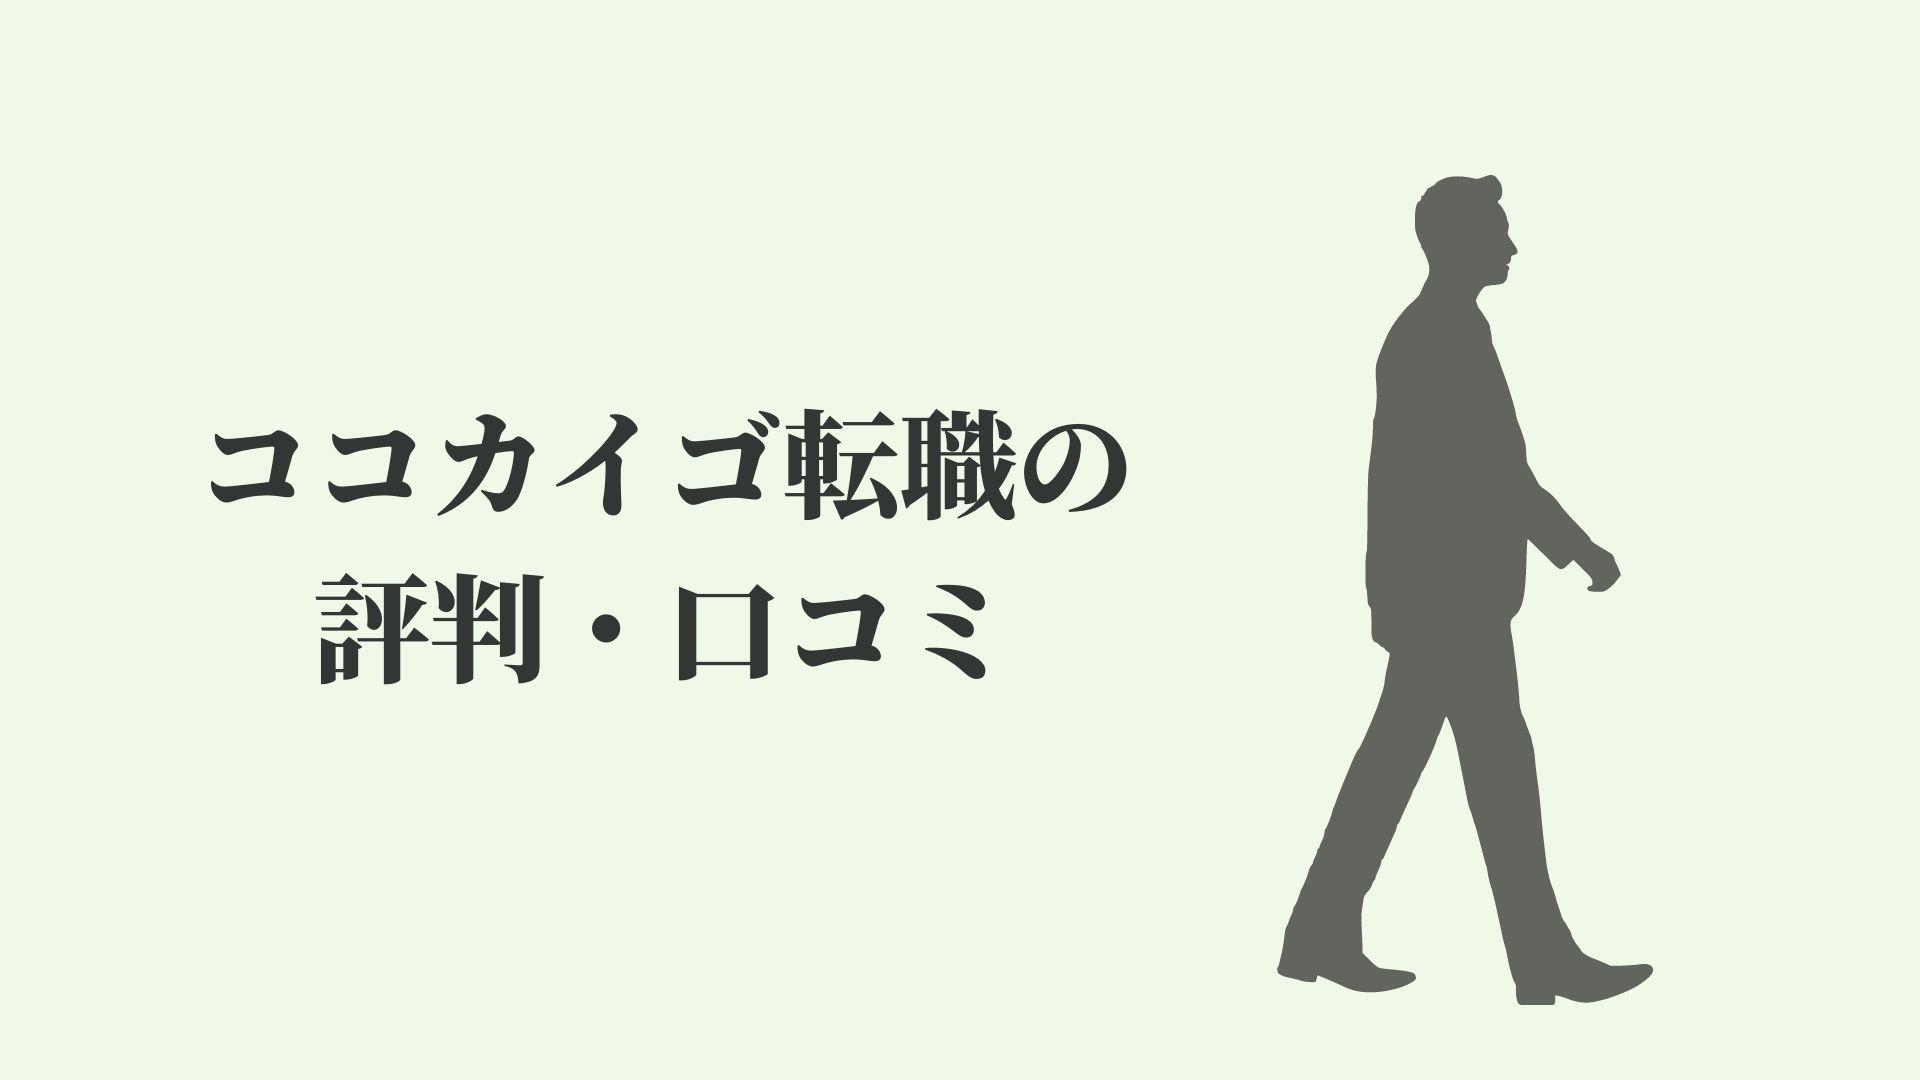 ココカイゴ転職の評判・口コミ